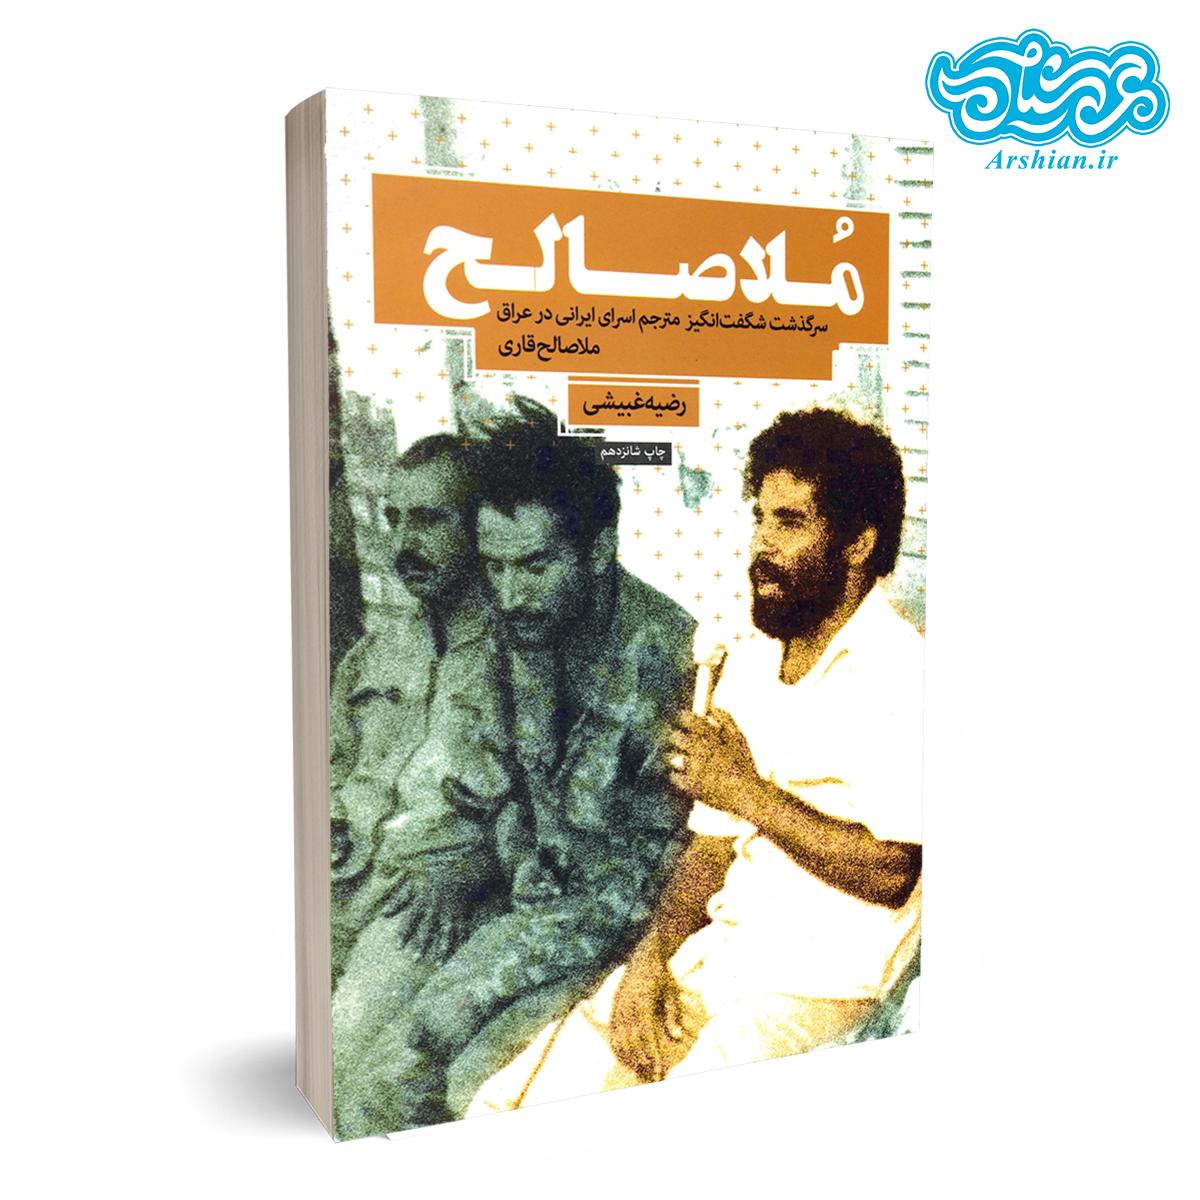 کتاب ملاصالح - سرگذشت مترجم اسرای ایرانی